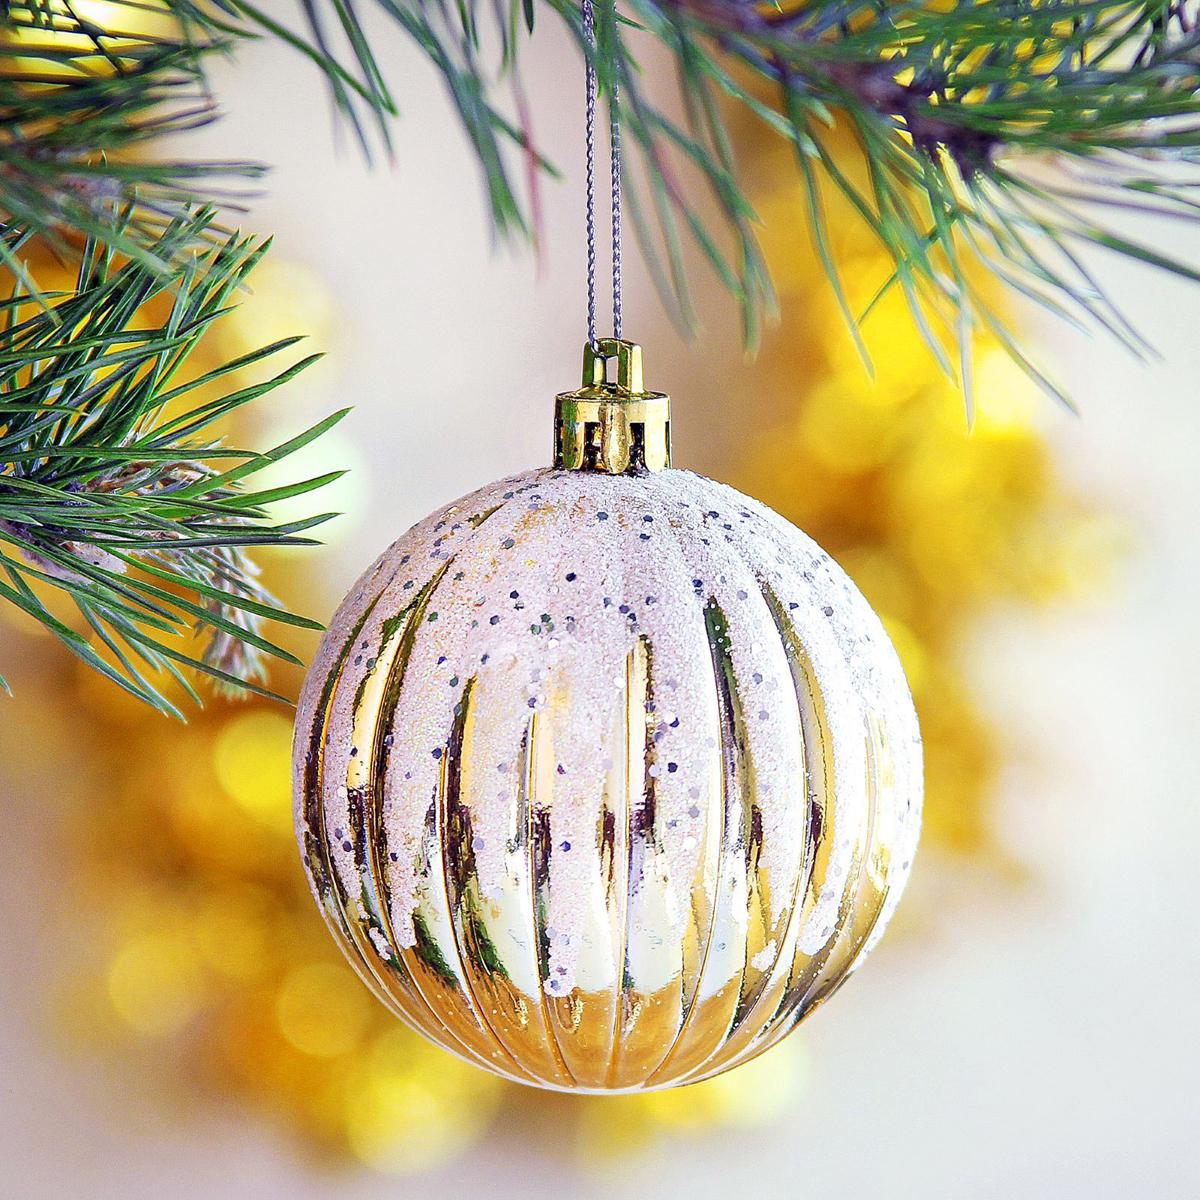 Набор новогодних подвесных украшений Sima-land Всплеск, диаметр 5,5 см, 6 шт2371174Набор новогодних подвесных украшений Sima-land отлично подойдет для декорации вашего дома и новогодней ели. С помощью специальной петельки украшение можно повесить в любом понравившемся вам месте. Но, конечно, удачнее всего оно будет смотреться на праздничной елке. Елочная игрушка - символ Нового года. Она несет в себе волшебство и красоту праздника. Создайте в своем доме атмосферу веселья и радости, украшая новогоднюю елку нарядными игрушками, которые будут из года в год накапливать теплоту воспоминаний.